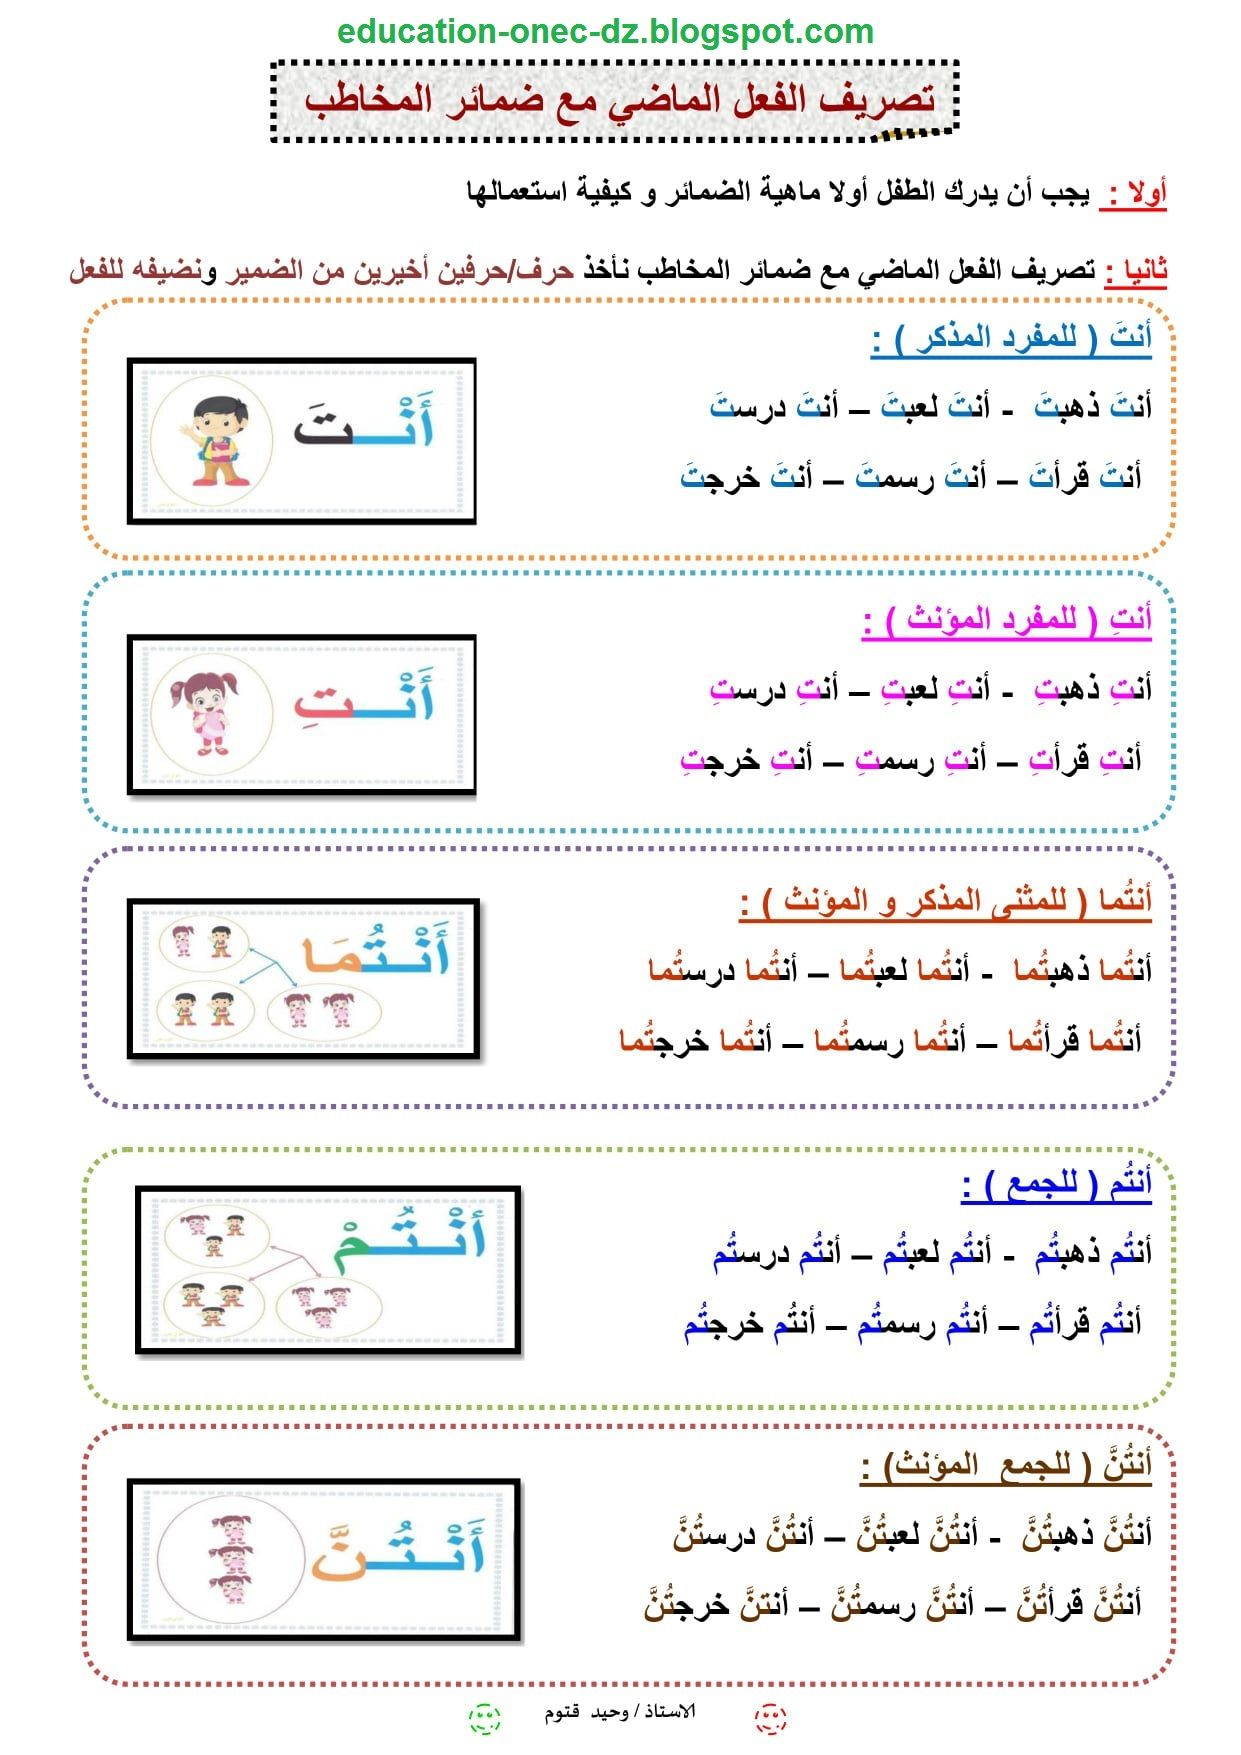 مدونة التعليم و التربية تصريف الفعل الماضي مع ضمائر المخاطب في اللغة العرب Education Blog School